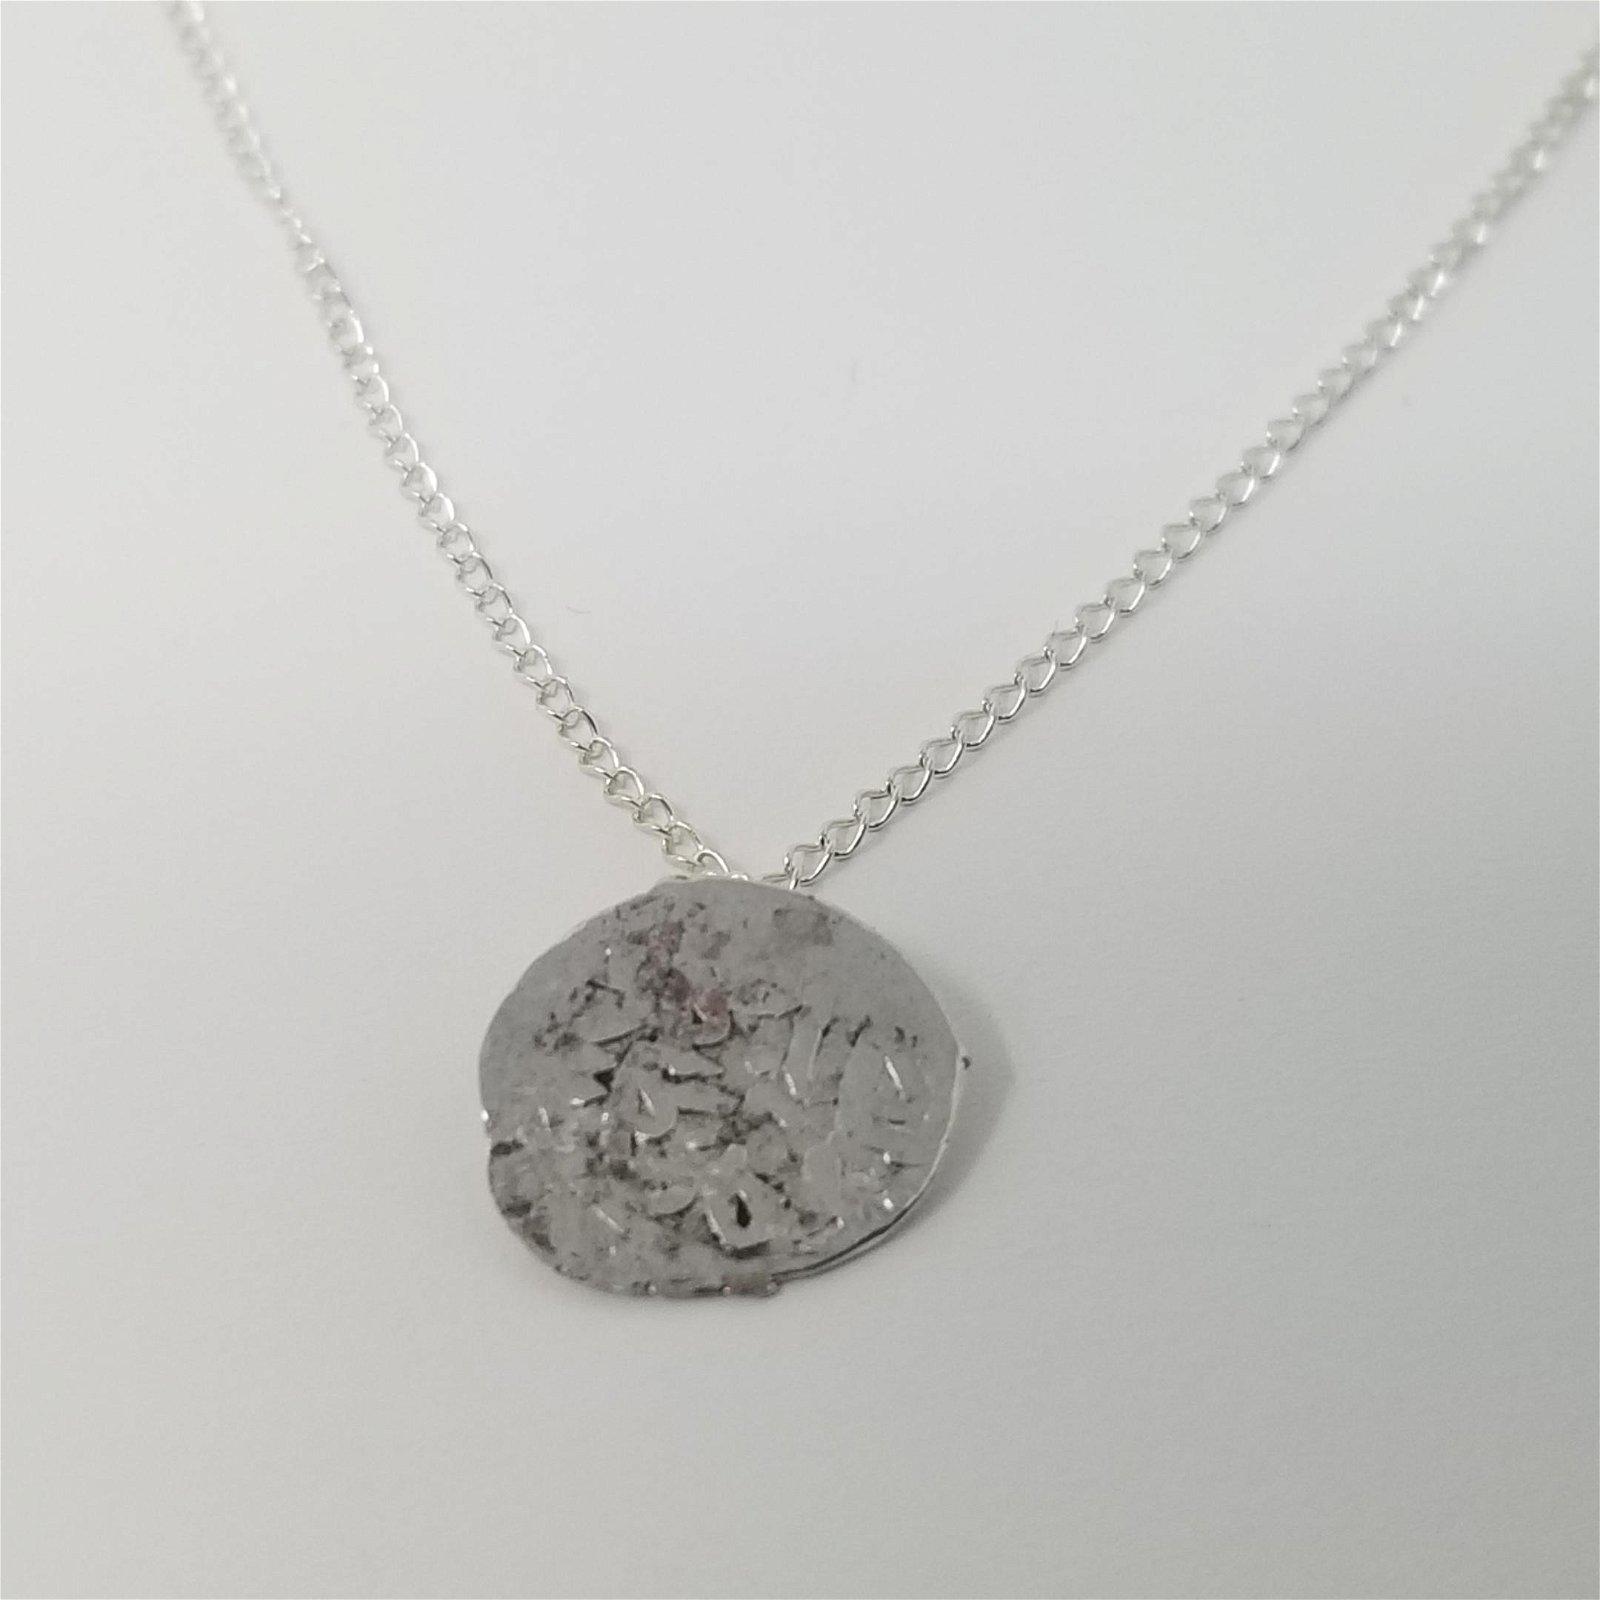 Ottoman Silver Coin - Necklace